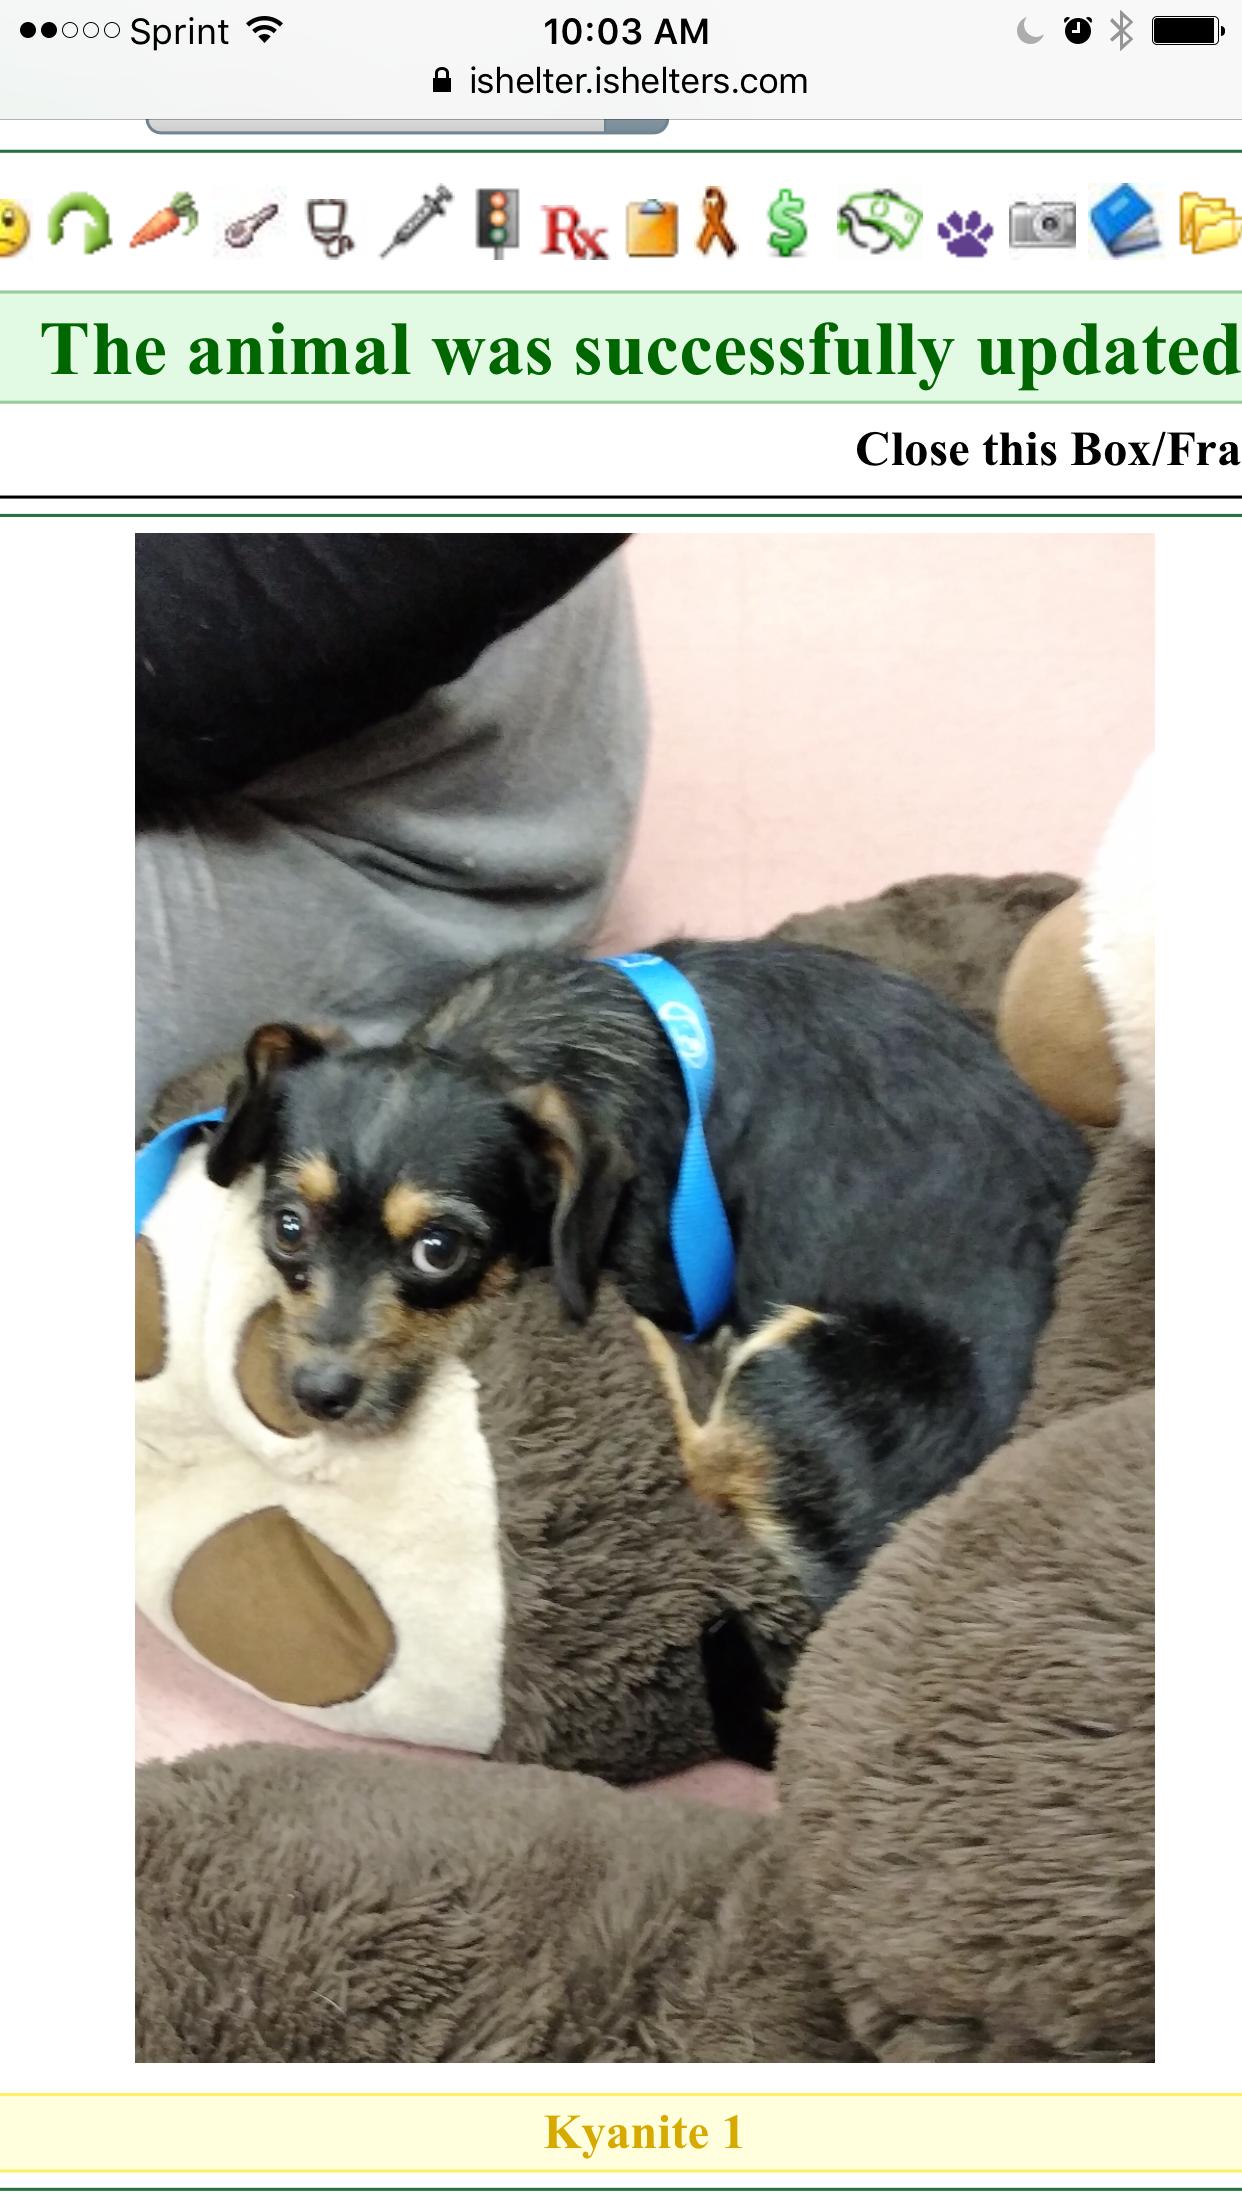 K9 Paw Print Rescue Bay Area California K9ppr Dogrescue Rescue Dogs Animals Rescue